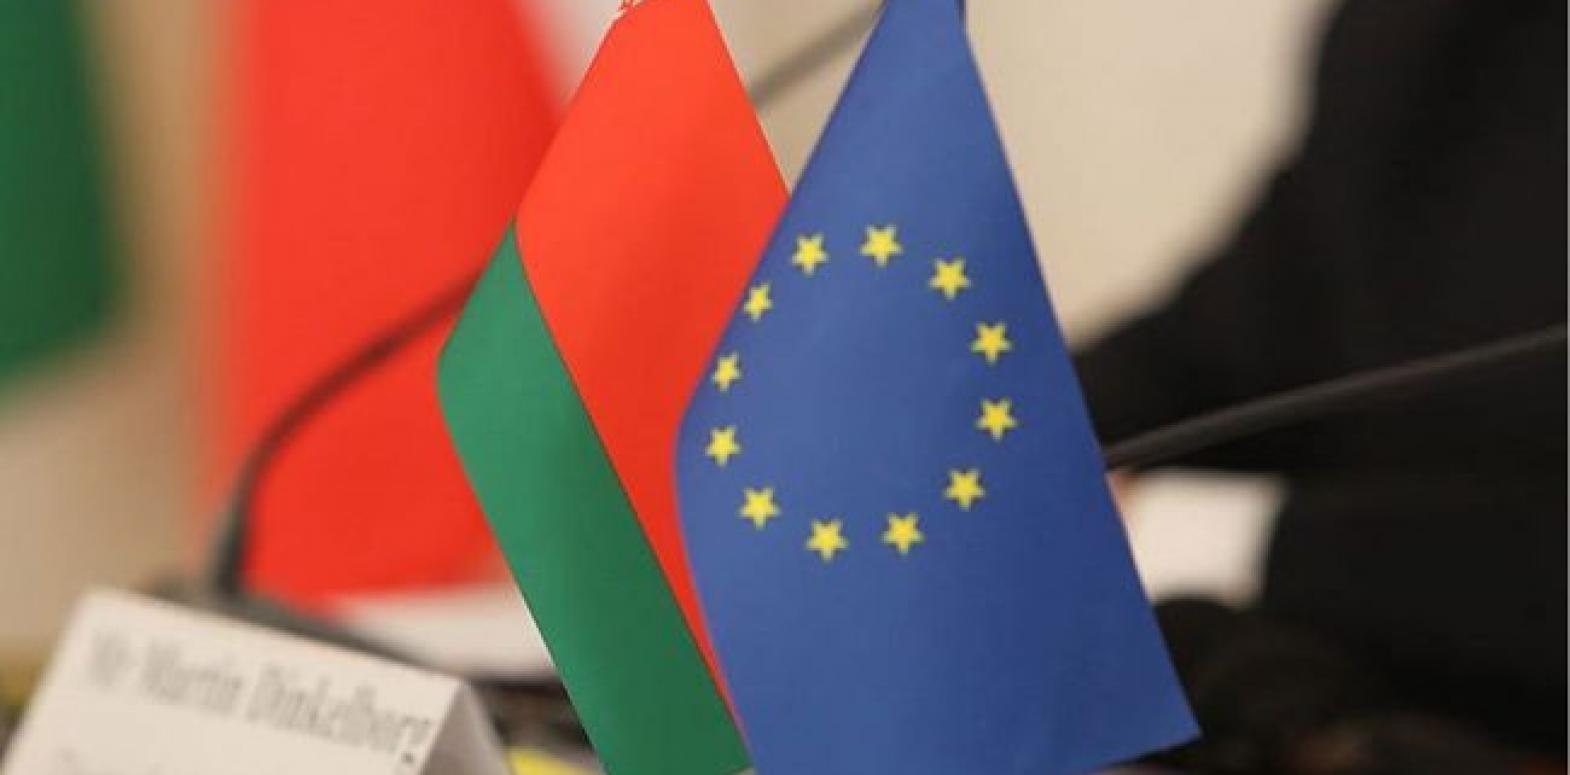 Беларусь, Россия, Евросоюз, Визовый режим, Договор, Викторин.